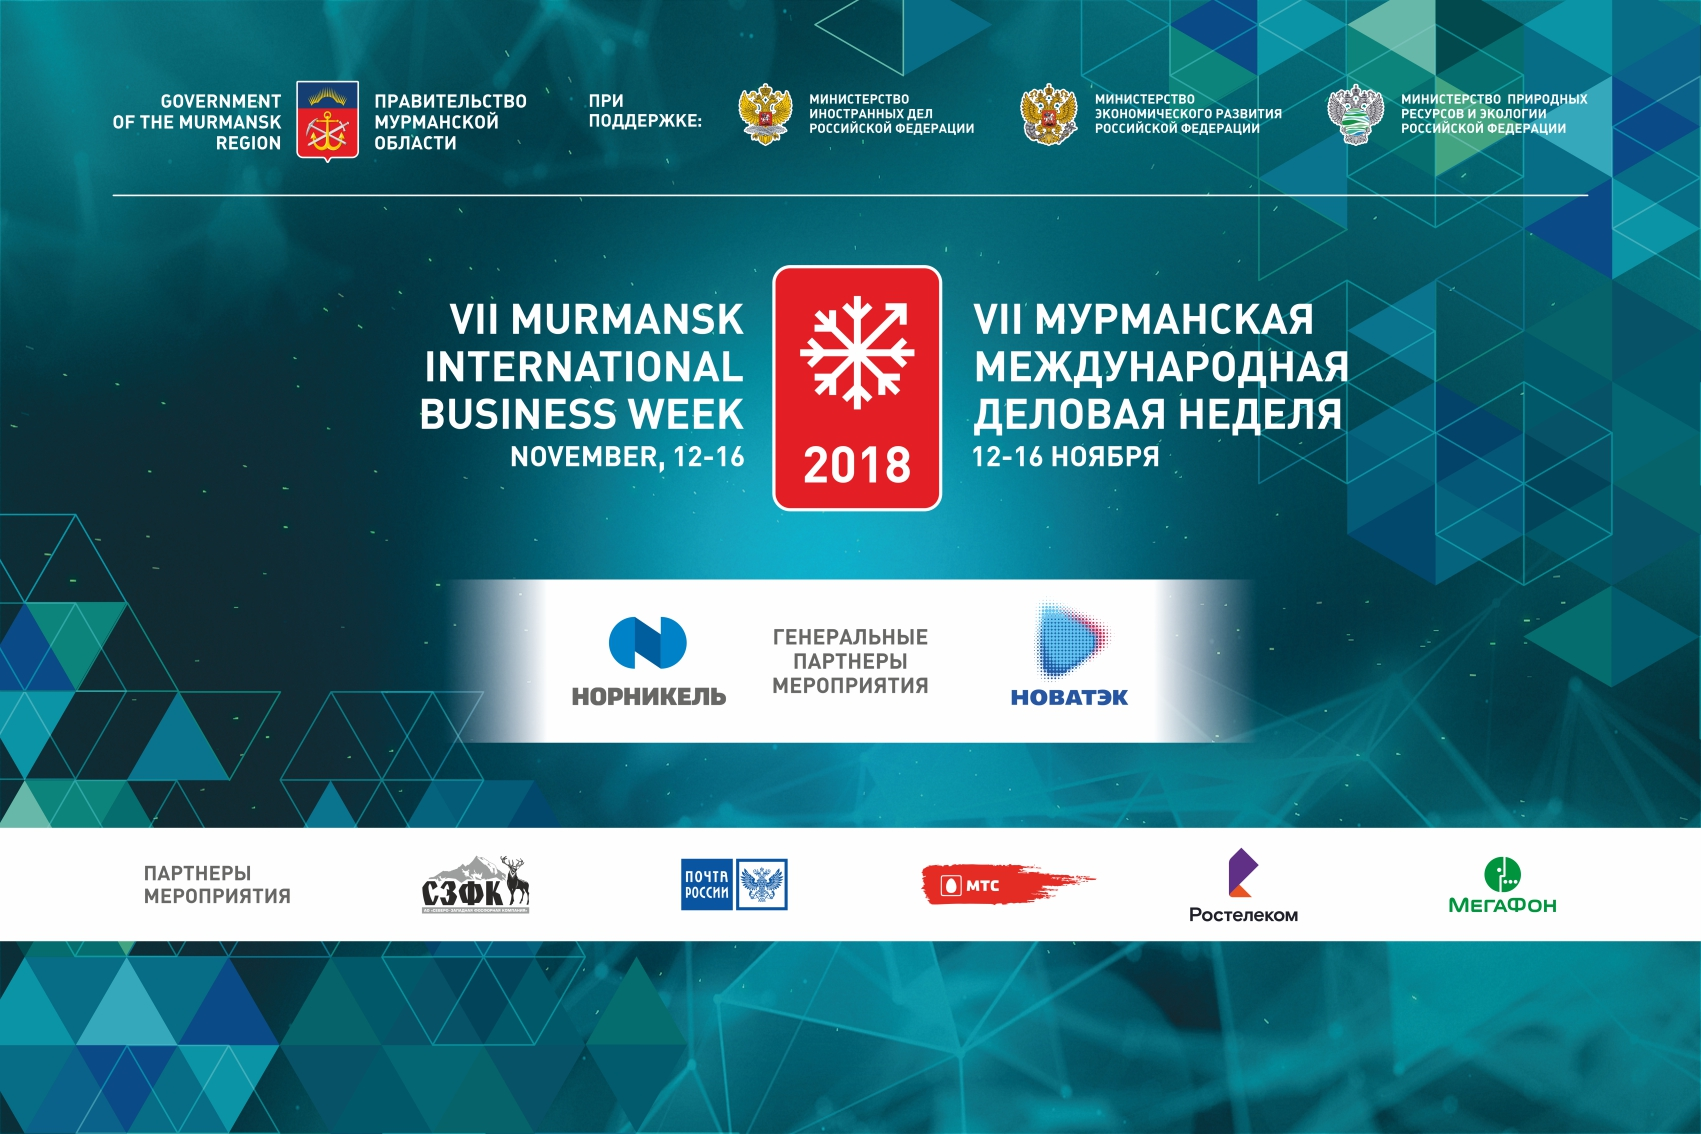 VII Международная деловая неделя 2018